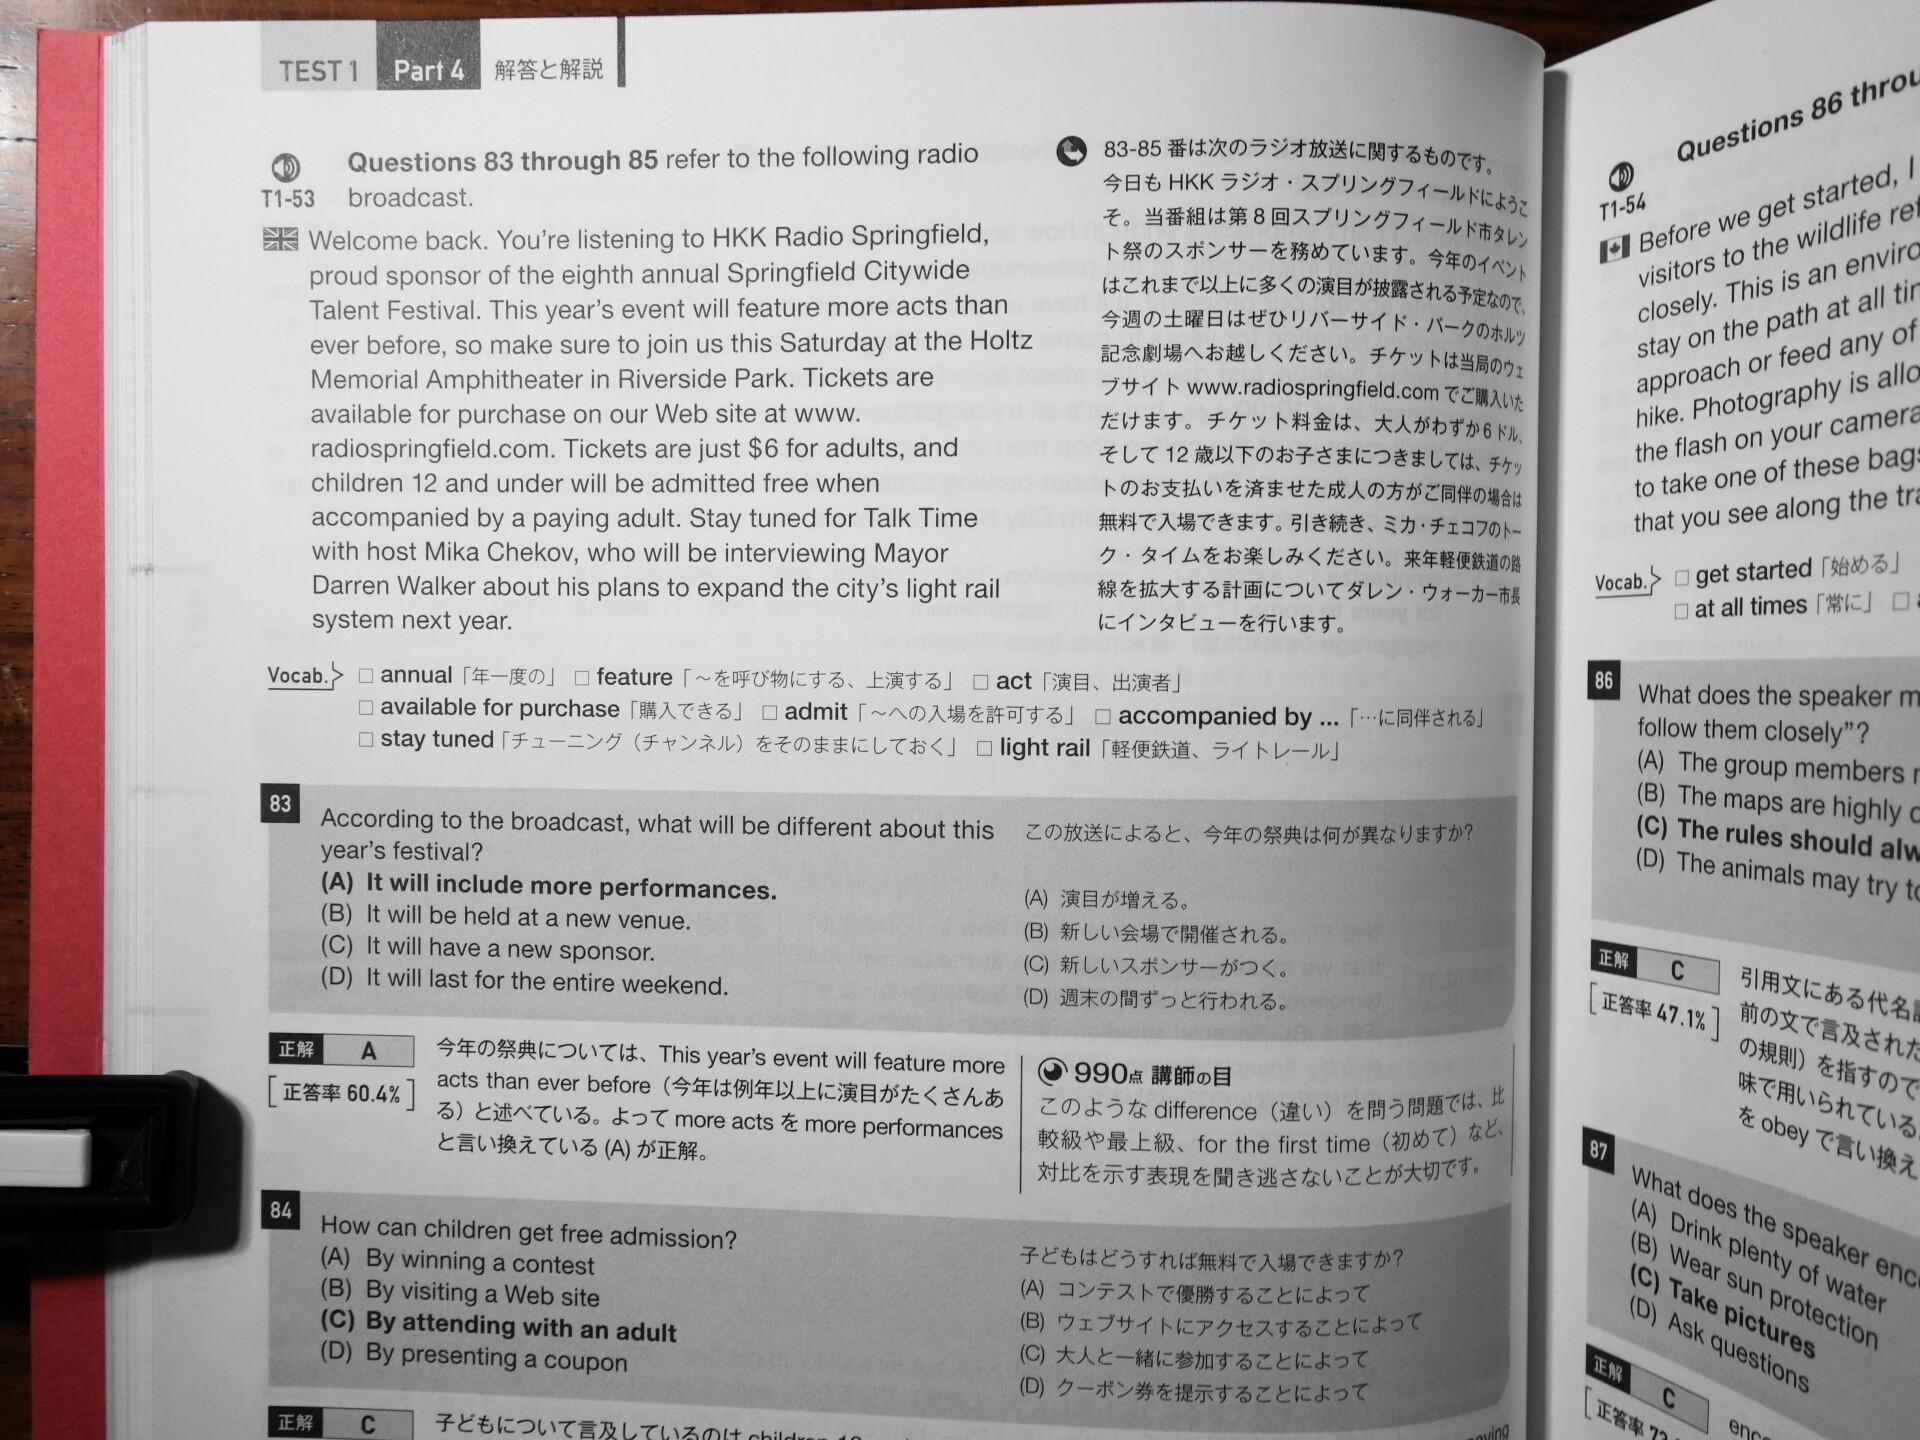 精選模試リスニングTOEICパート4の解答解説